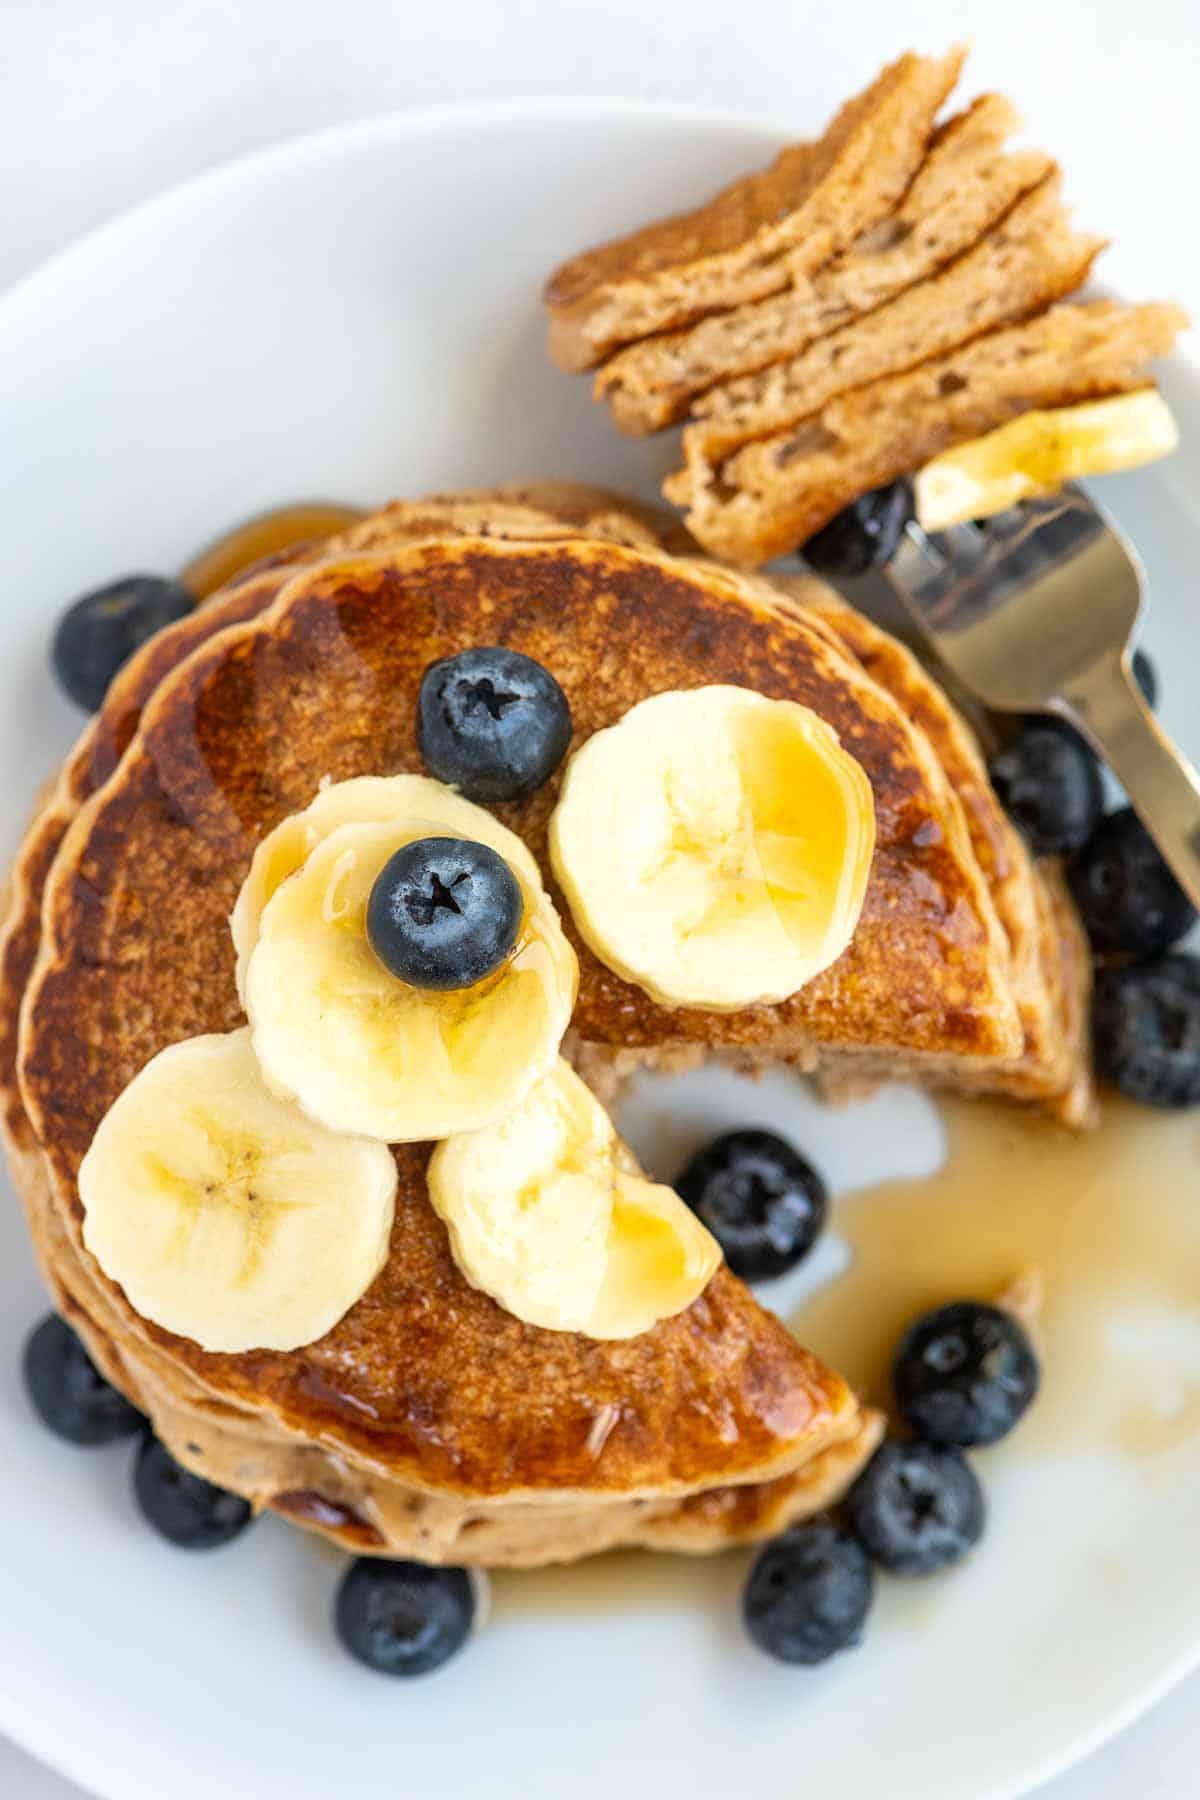 Making Vegan Pancakes